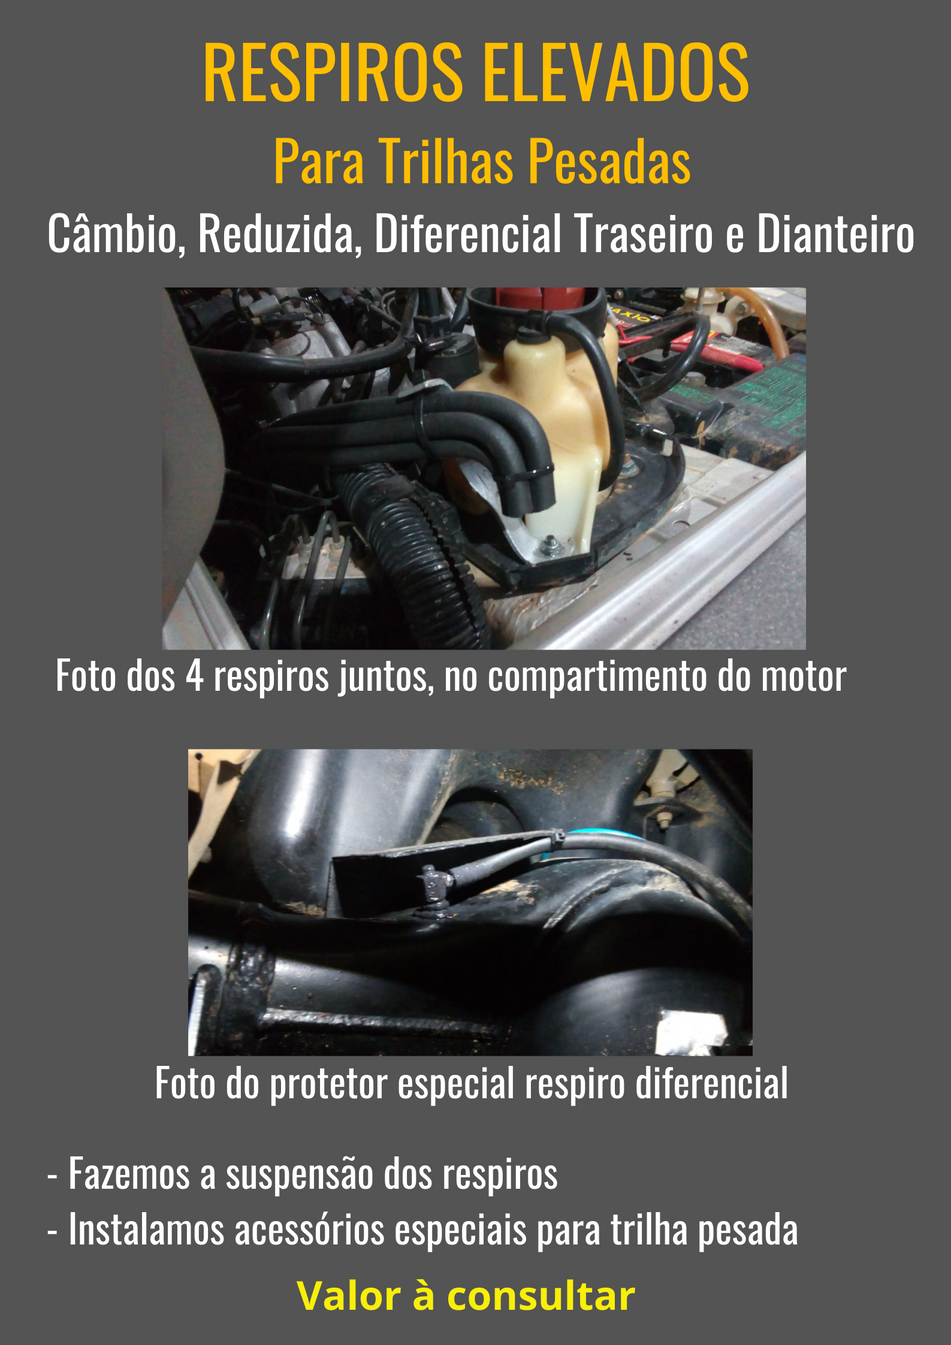 Instalação de Respiros Elevados para trilhas pesadas (câmbio, reduzida, diferencial traseiro e diferencial dianteiro)